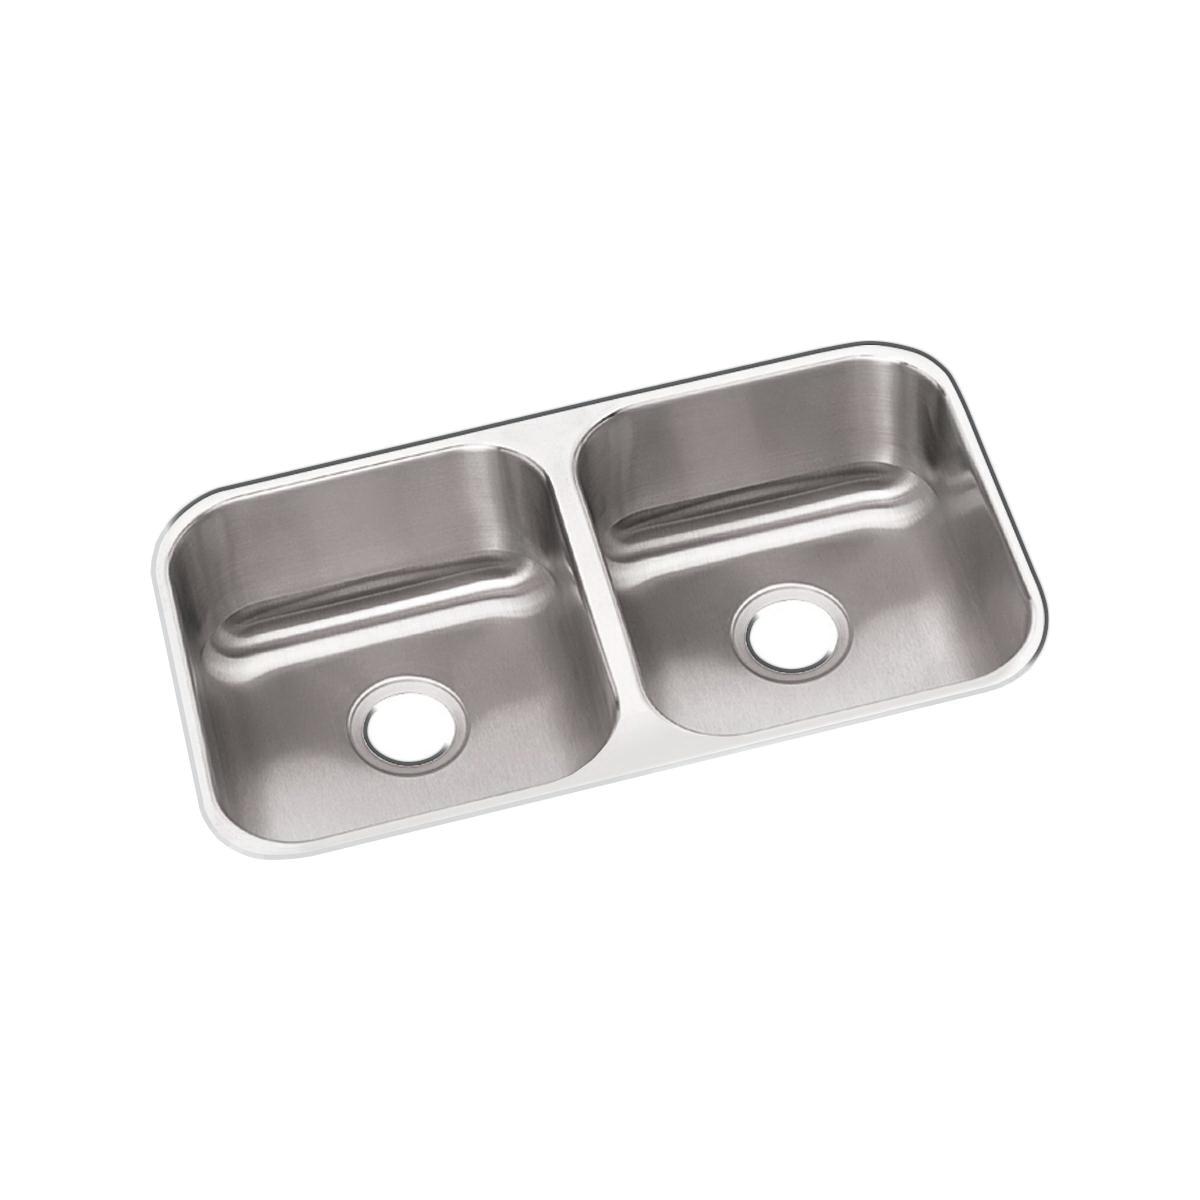 Elkay® DXUH3118 Dayton® Kitchen Sink, Rectangular, 18-1/4 in W x 8 in D x 31-3/4 in H, Under Mount, Stainless Steel, Radiant Satin, Domestic